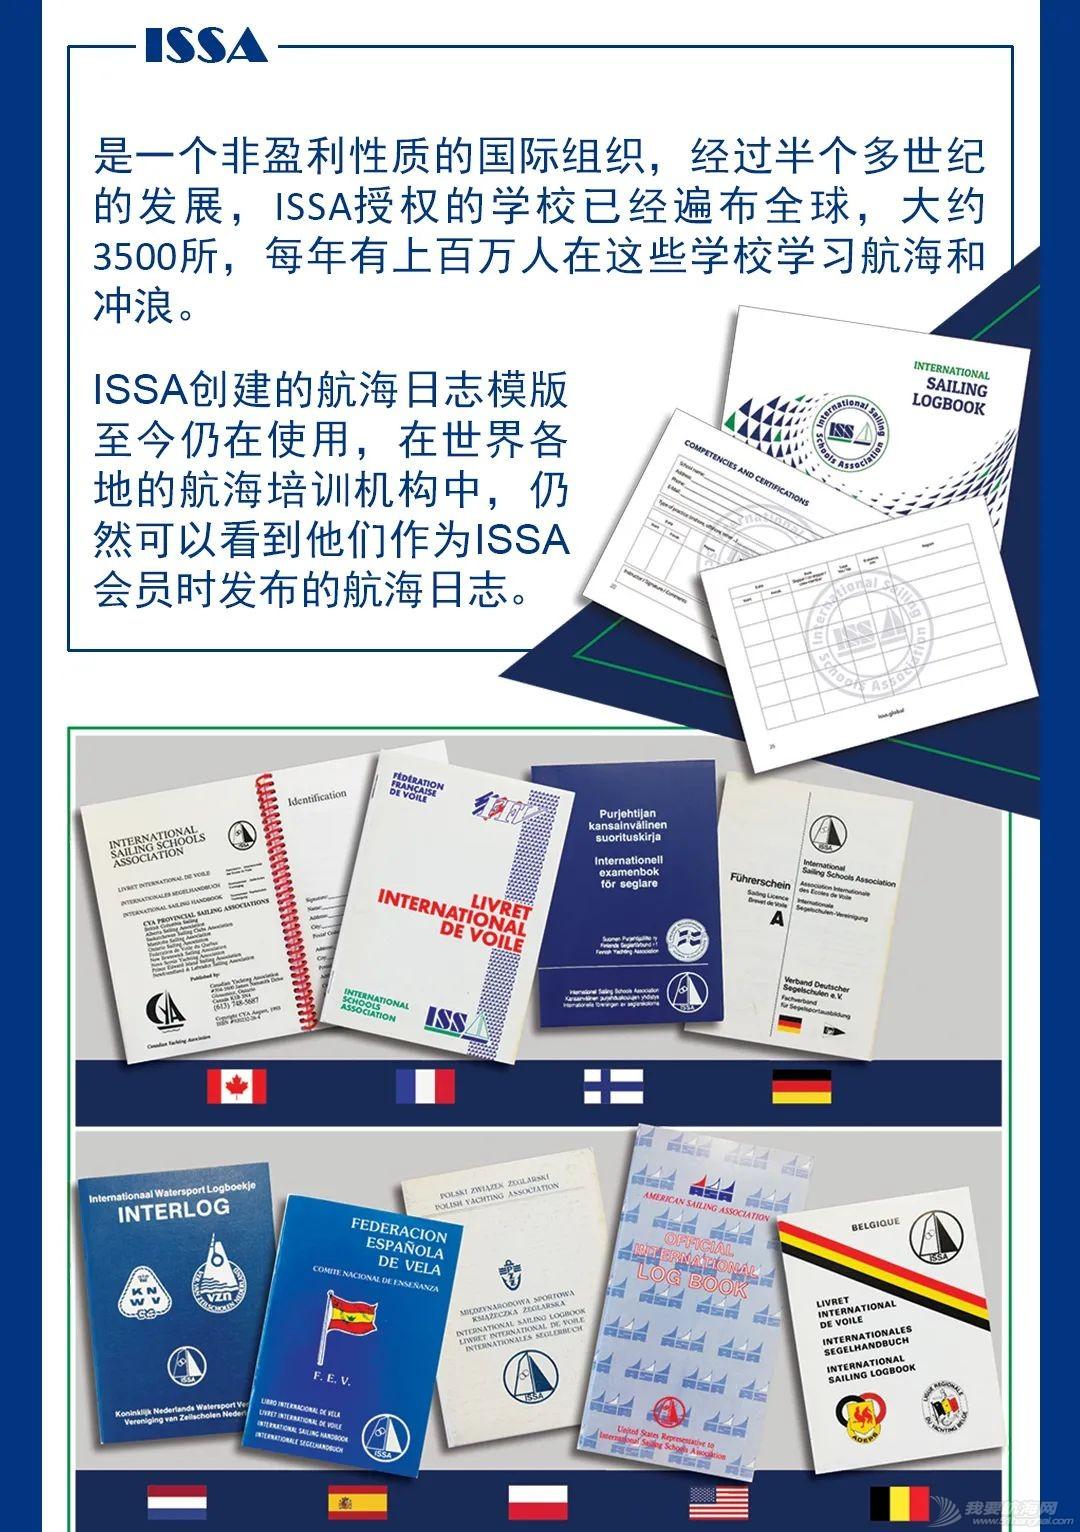 【ISSA小帆船课程】学员招募2021w3.jpg